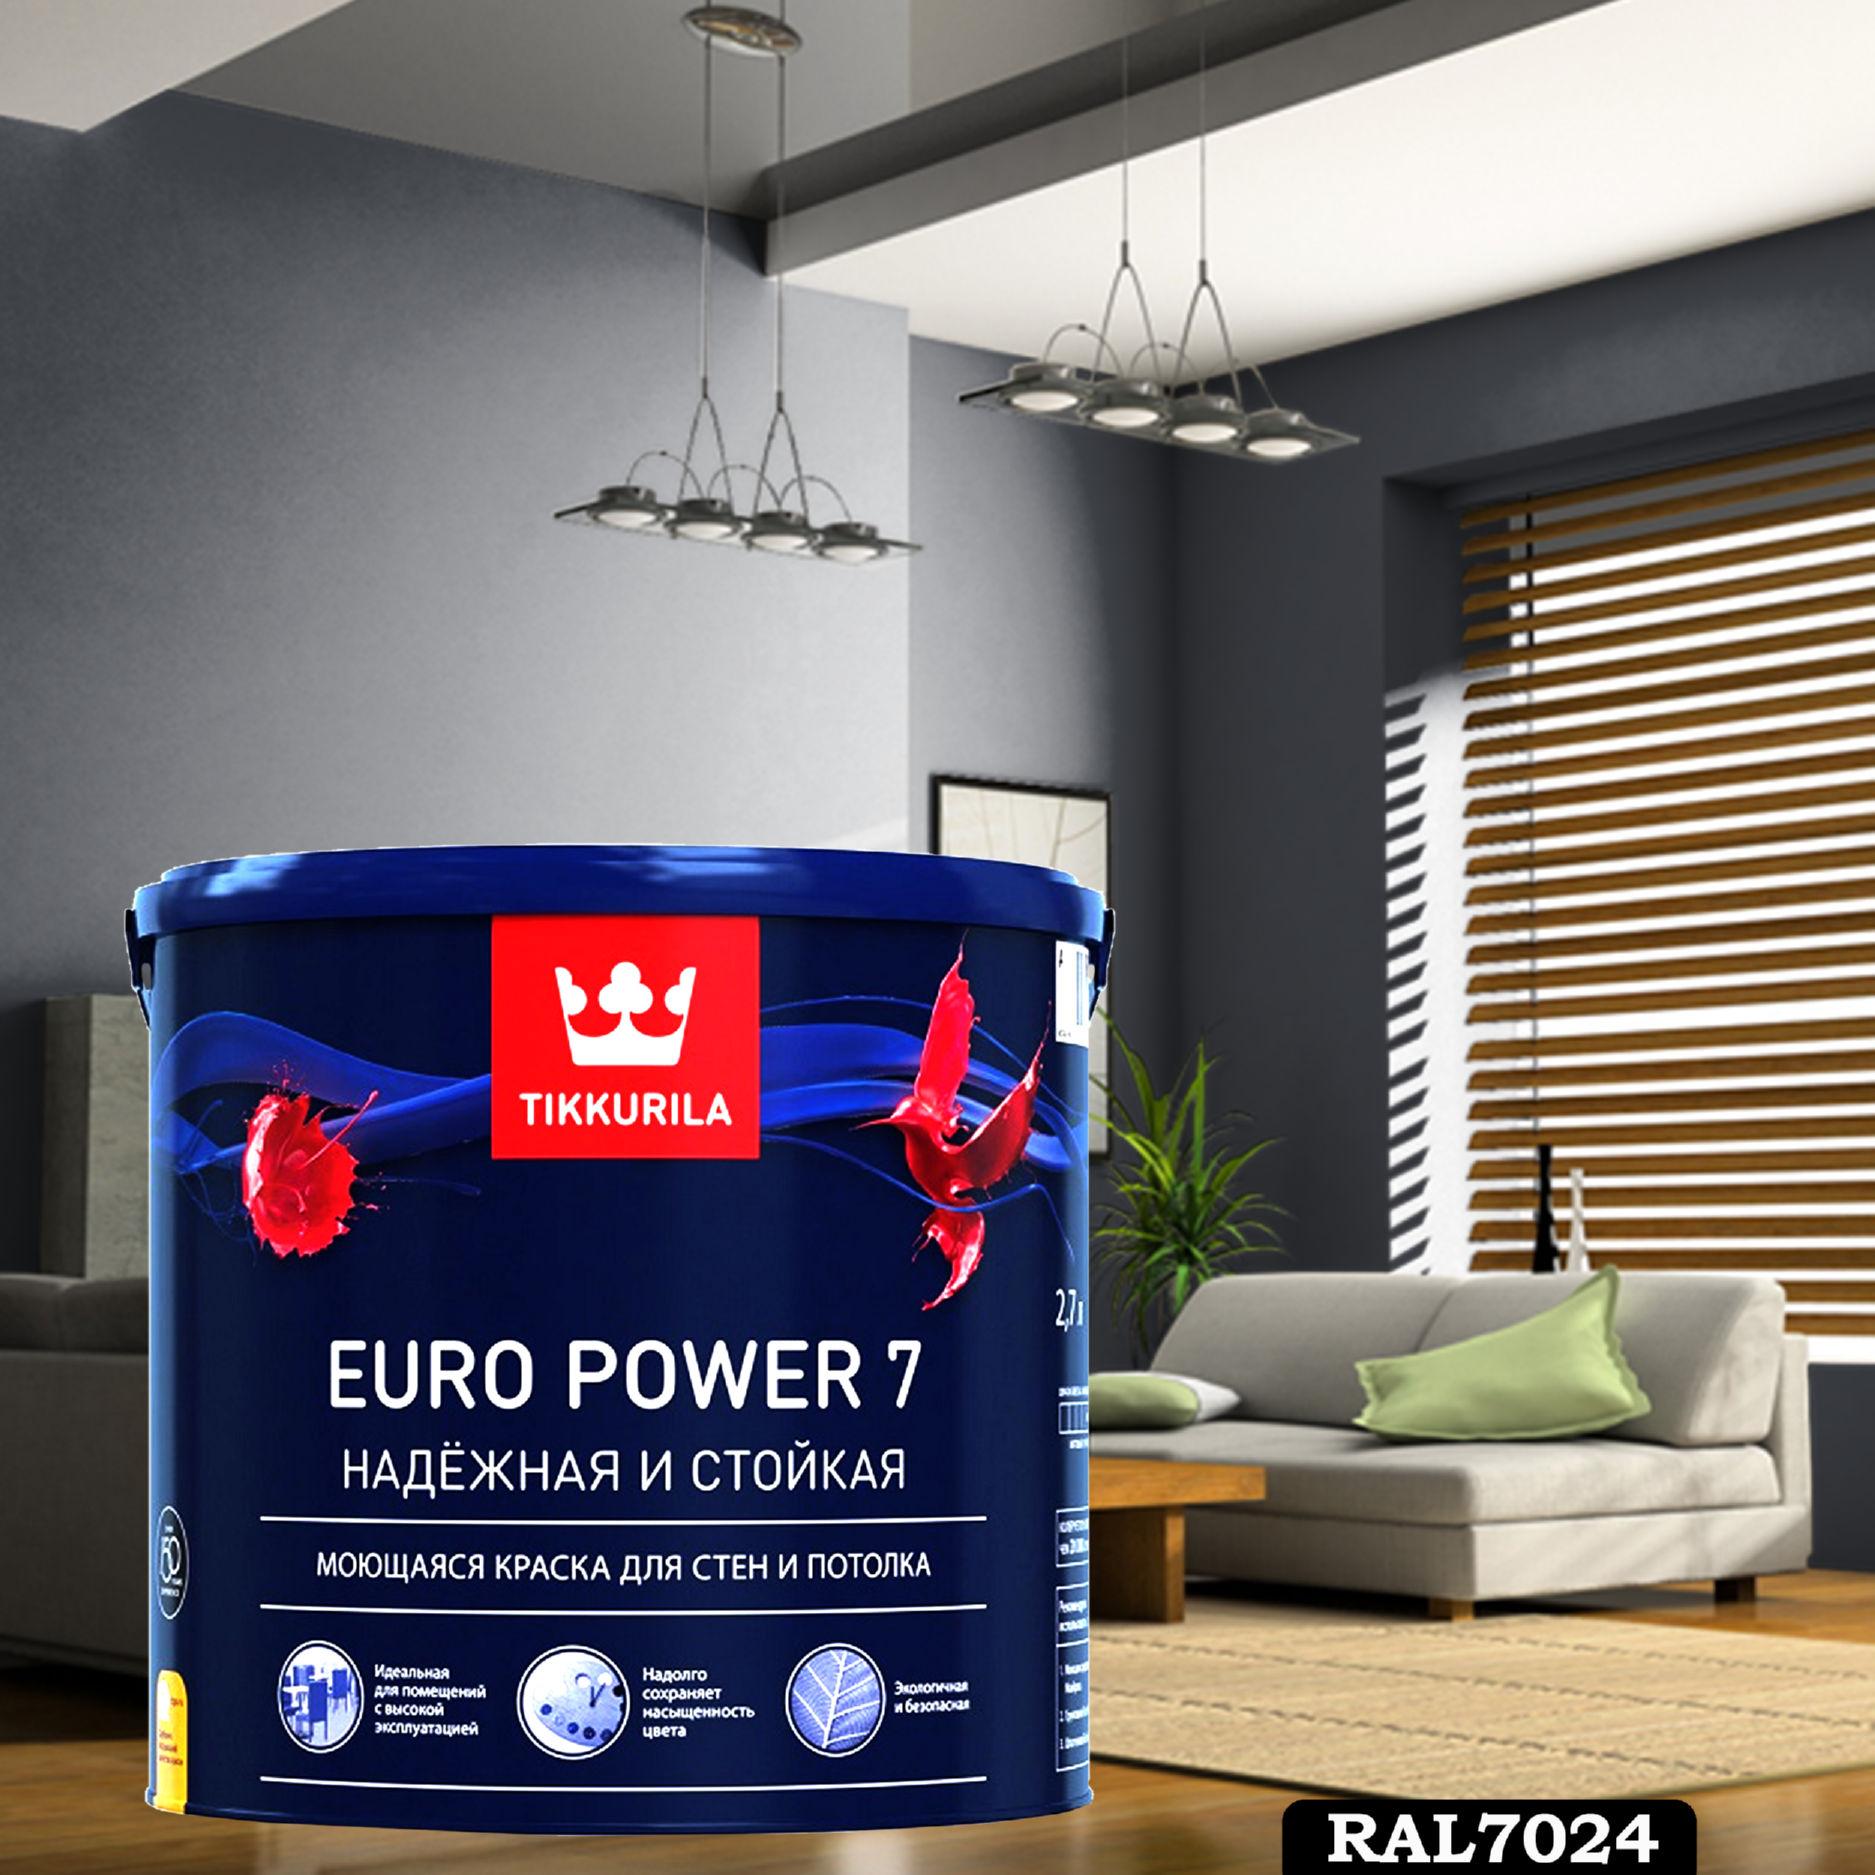 Фото 19 - Краска TIKKURILA Euro Power 7,  RAL 7024 Графитовый-серый, латексная моющаяся матовая интерьерная, 9 л.